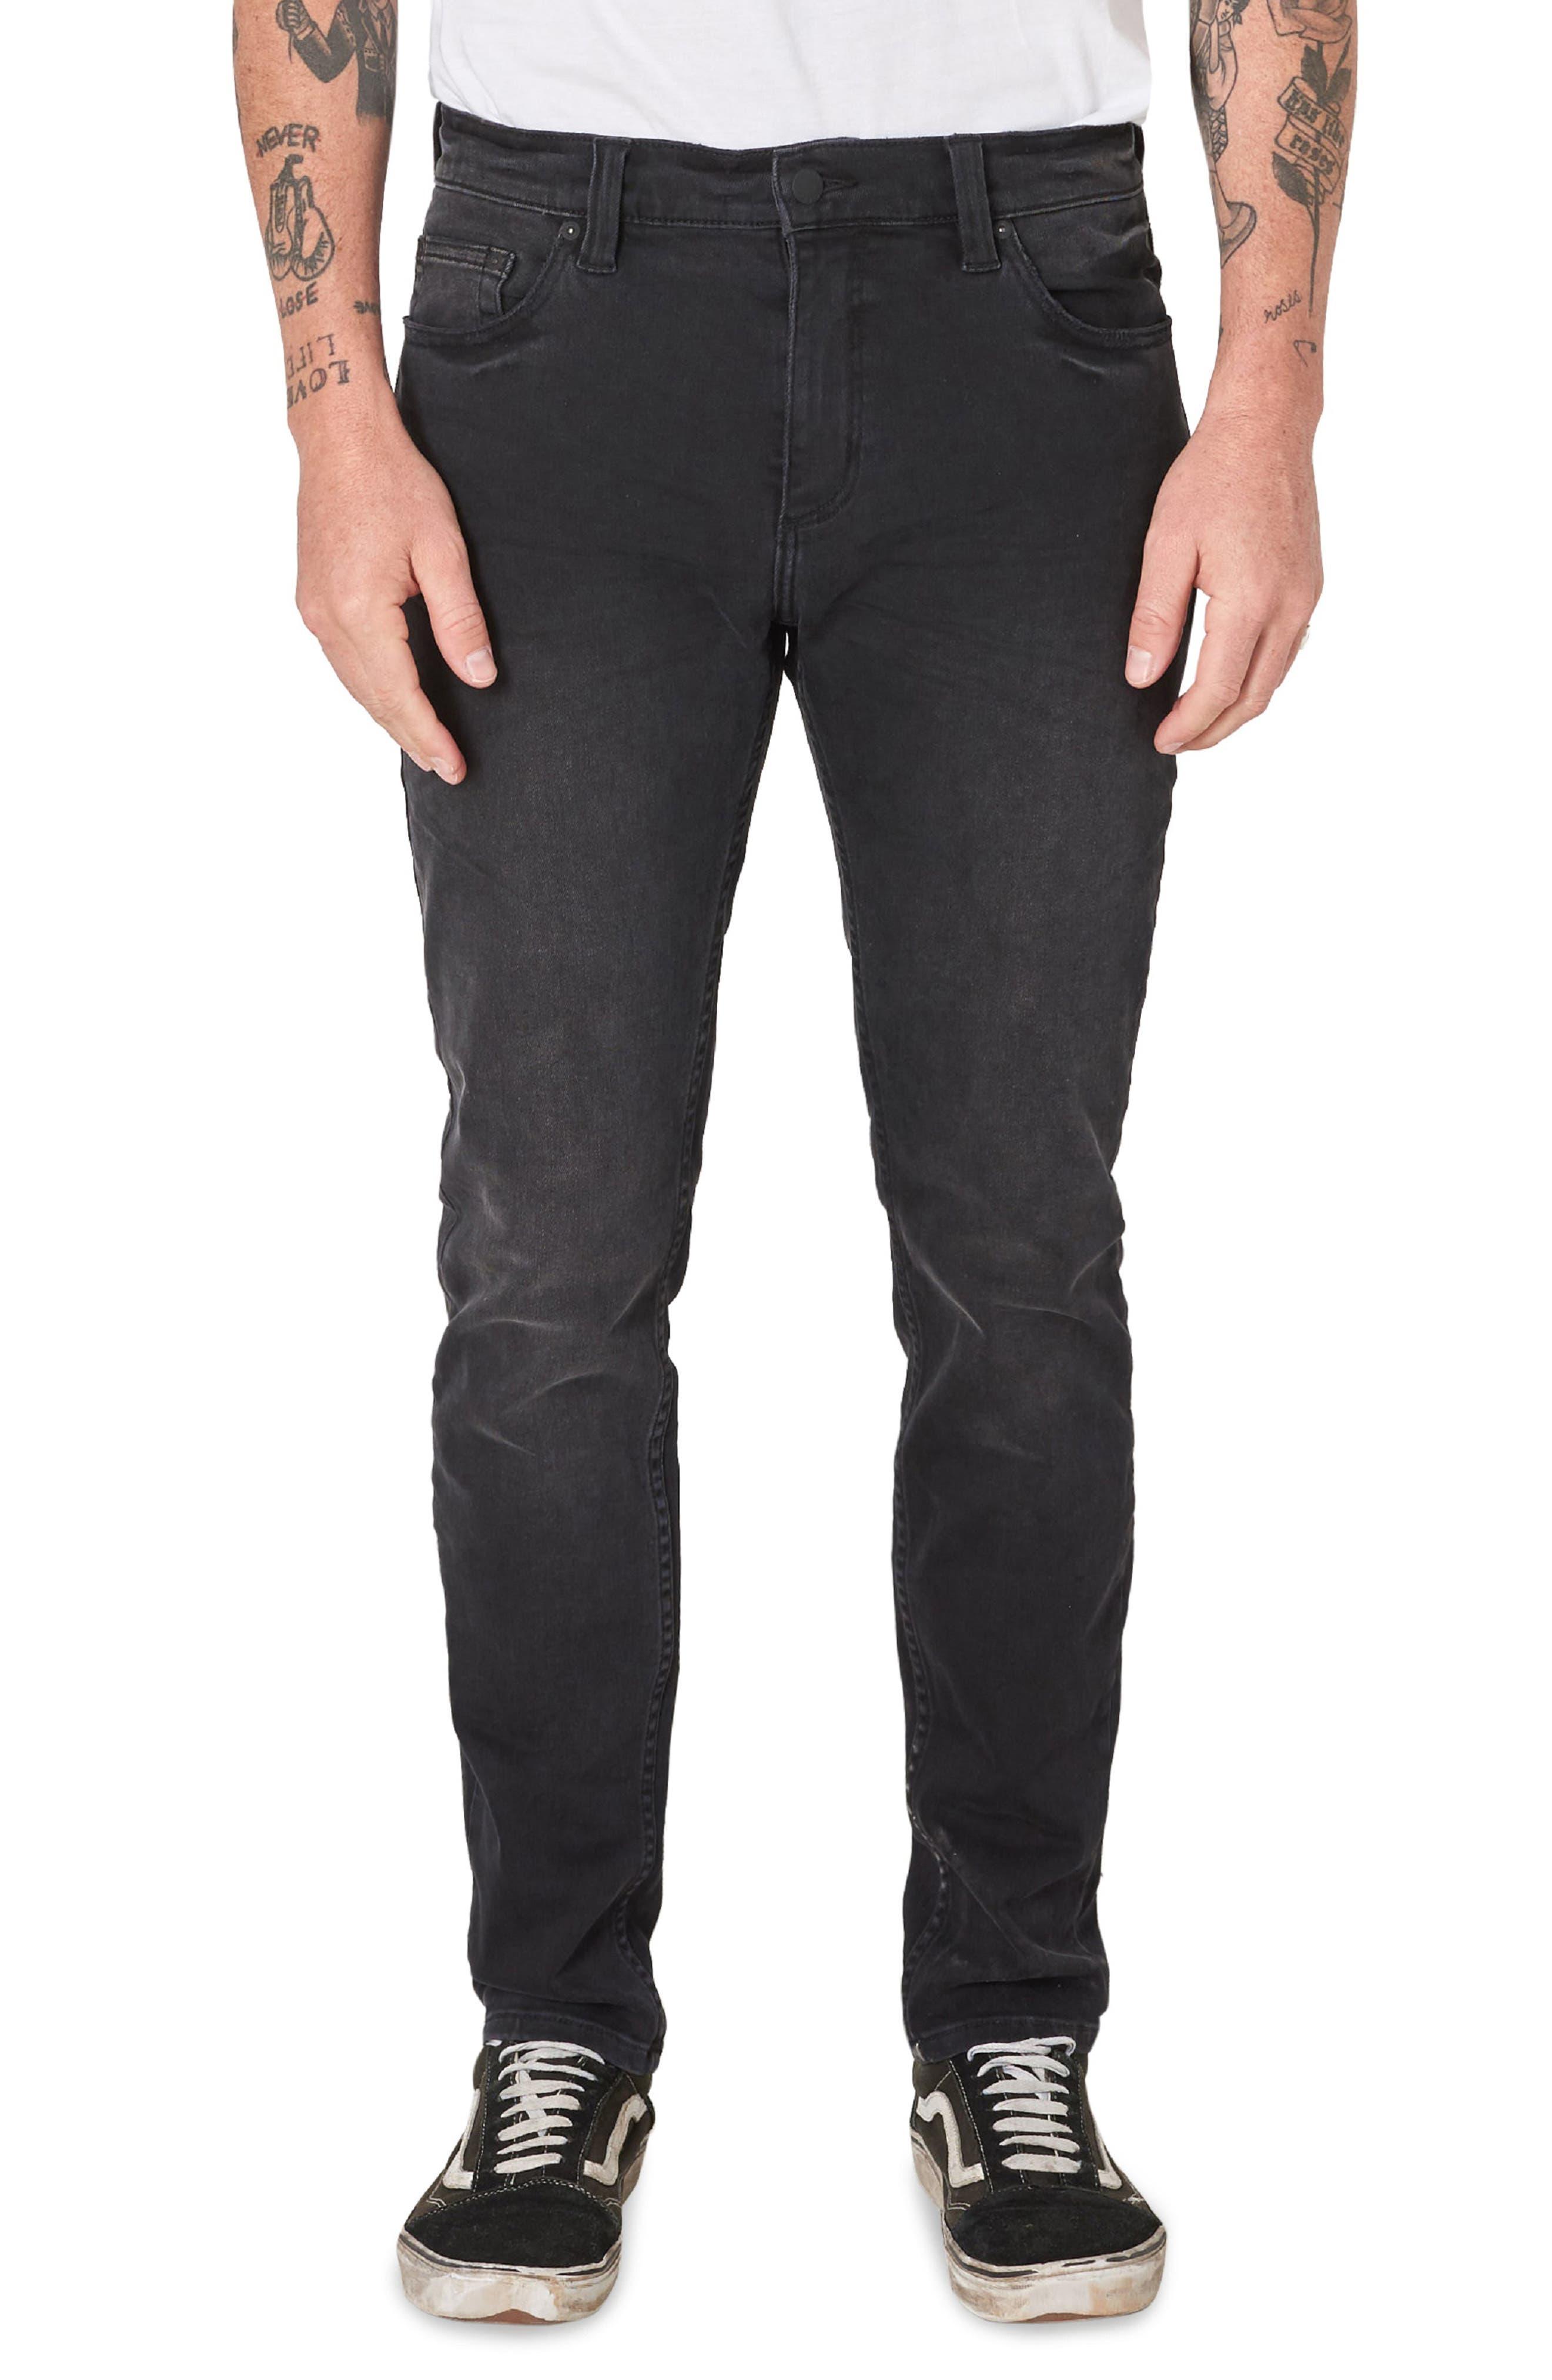 Stinger Skinny Fit Jeans,                         Main,                         color, BLACK CAT